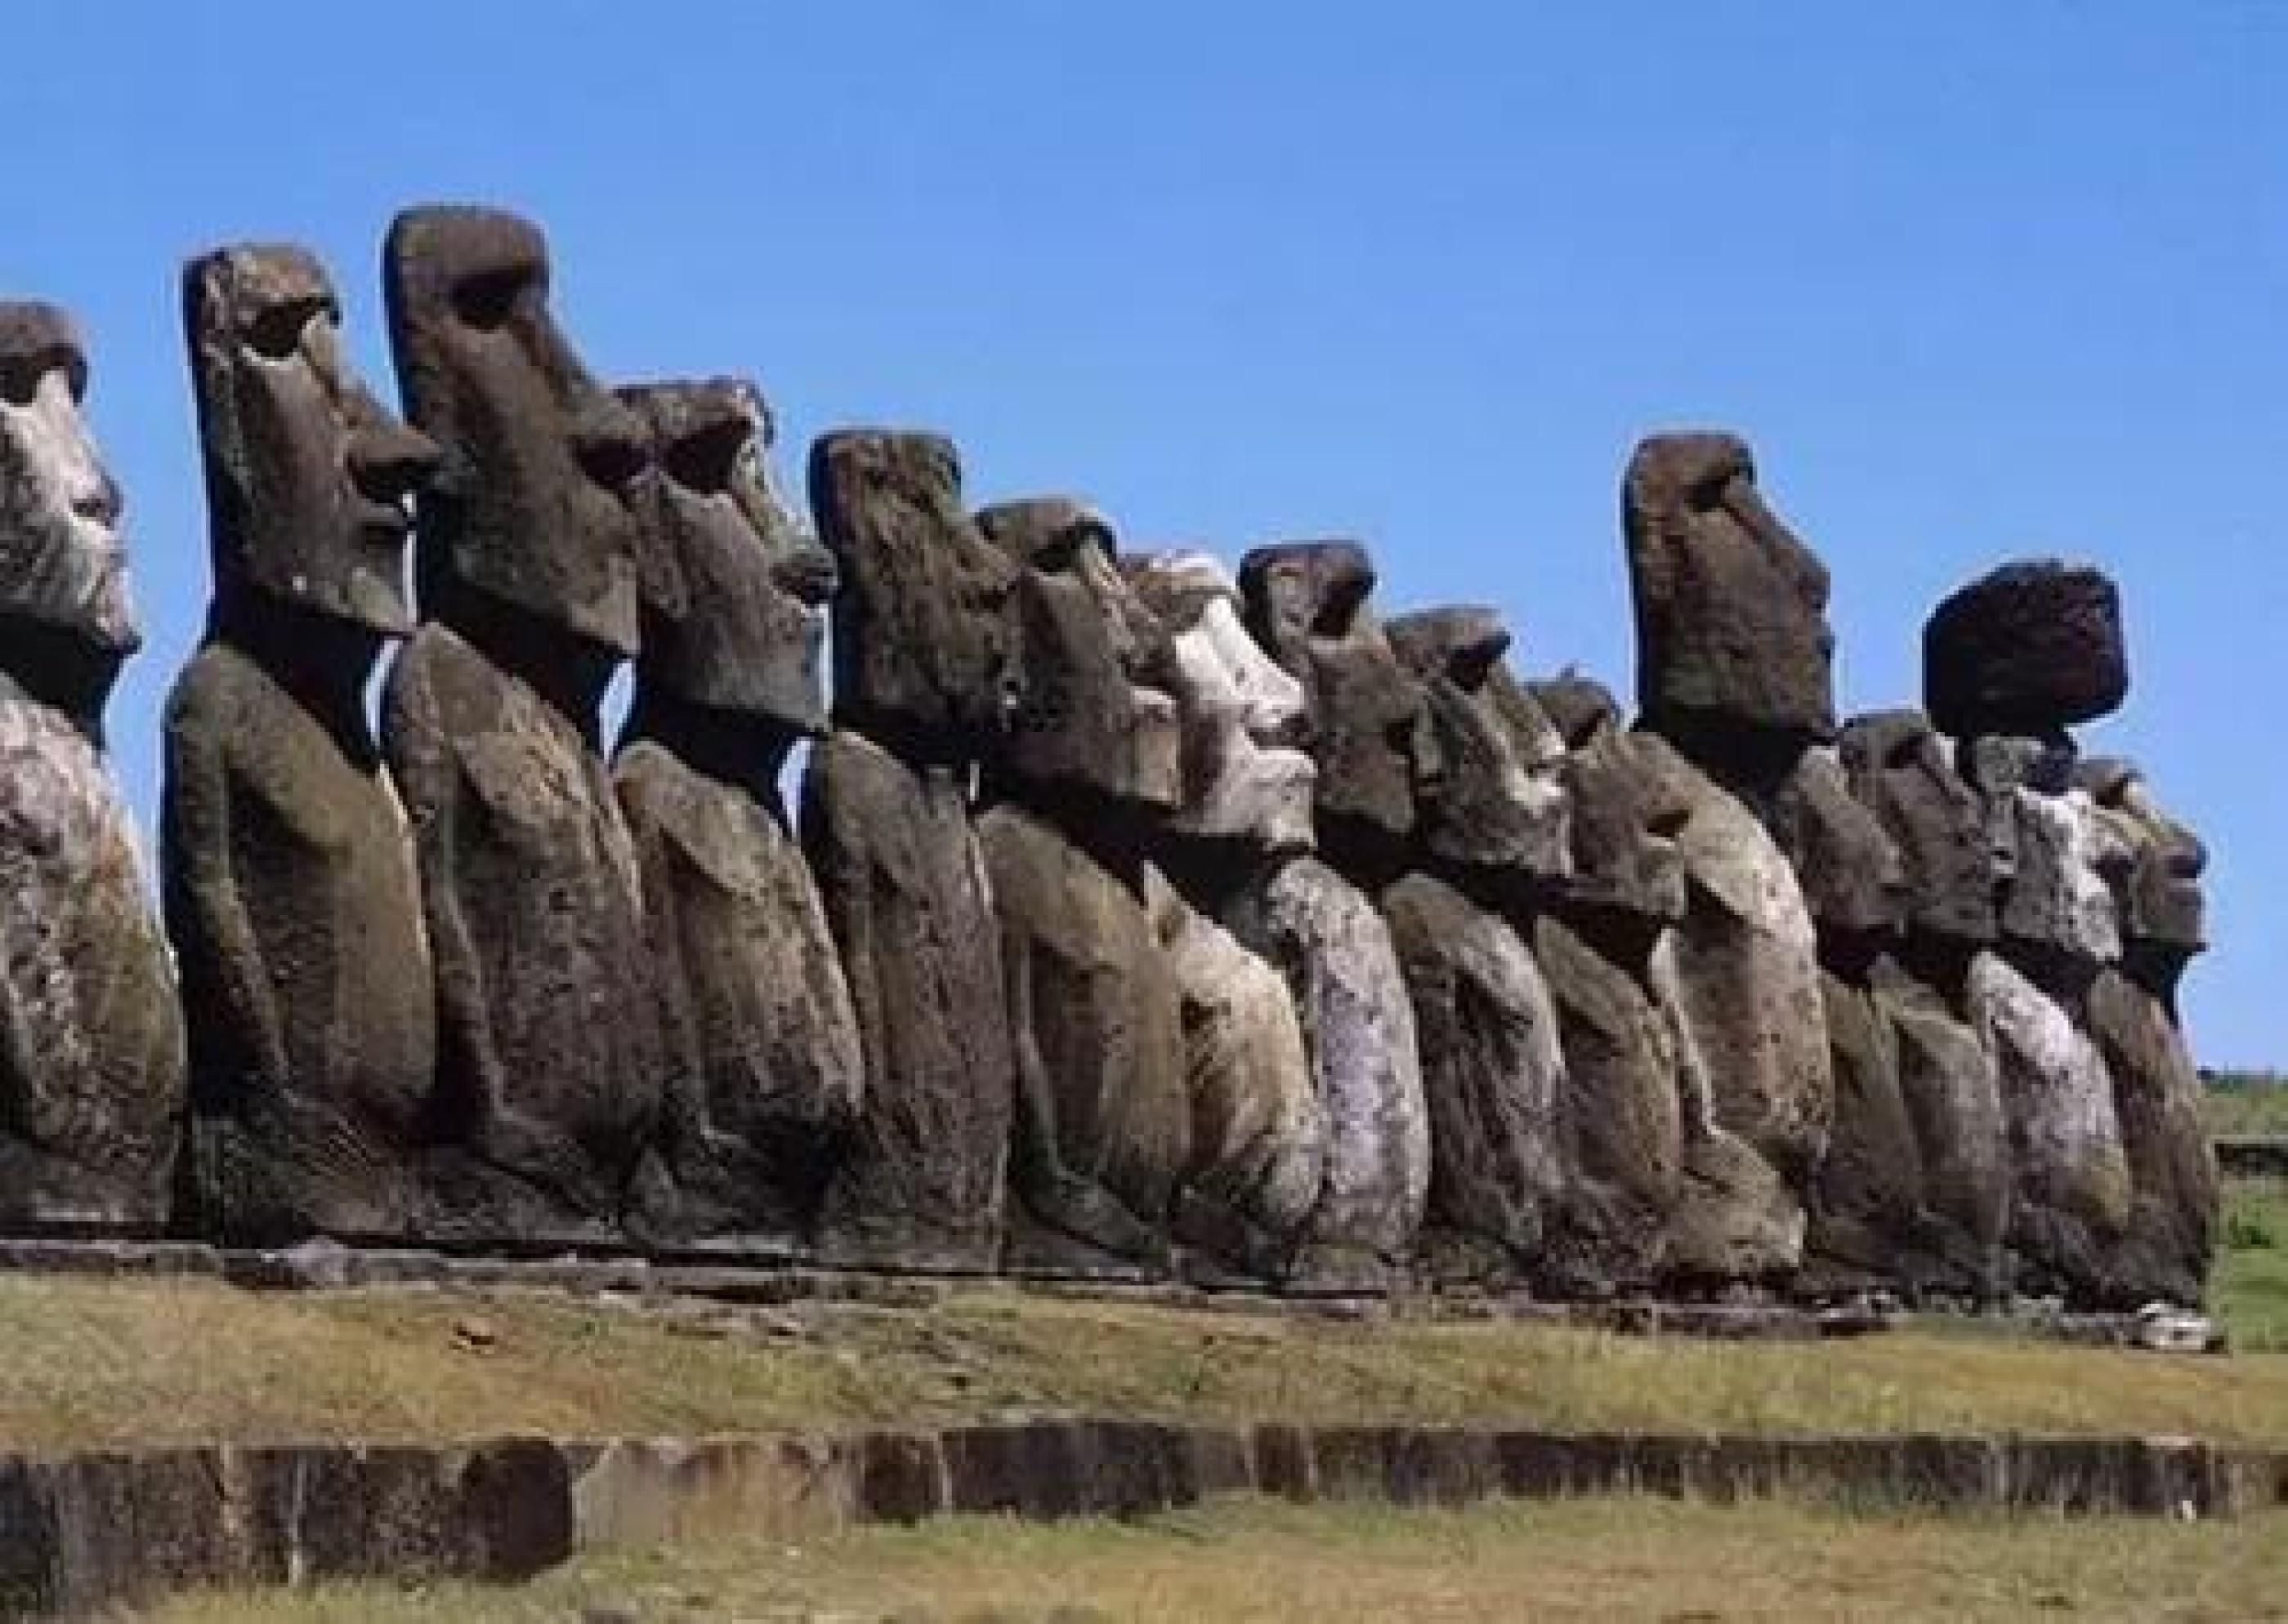 古代有许多发达事物,真的无法解释,预示史前文明存在吗?